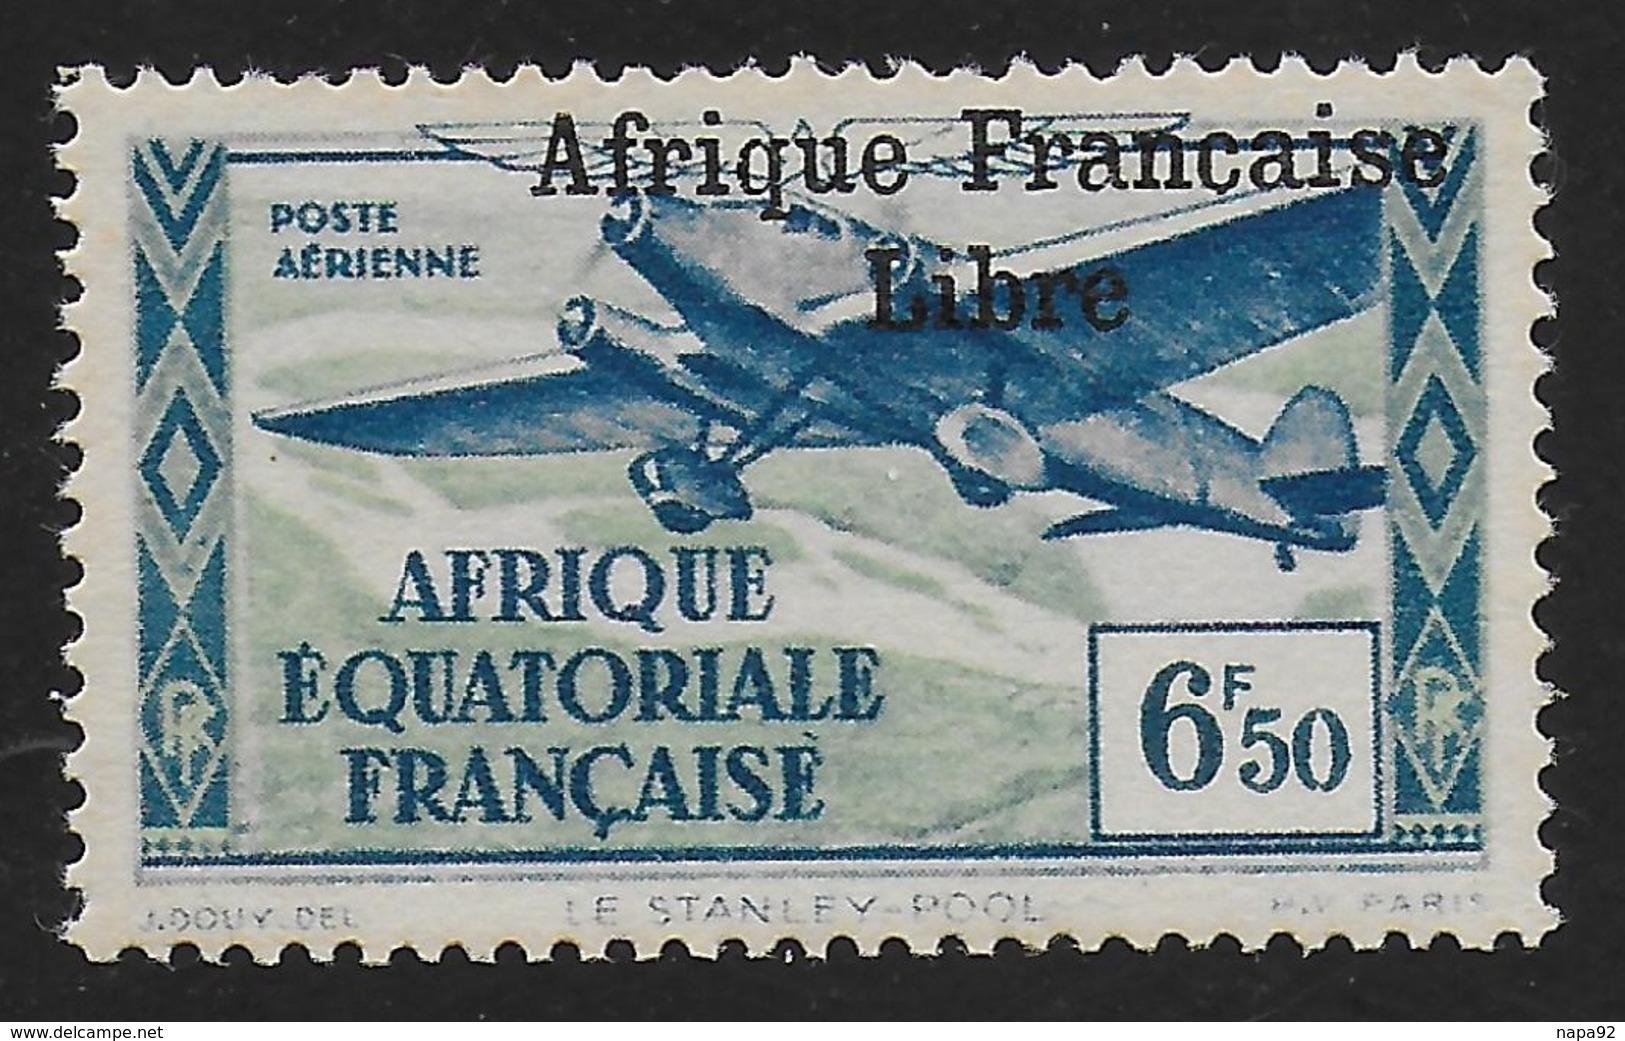 AFRIQUE EQUATORIALE FRANCAISE - AEF - A.E.F. - 1940 - YT PA 18** - VARIETE SURCHARGE ESPACEE ET DEPLACEE - Neufs